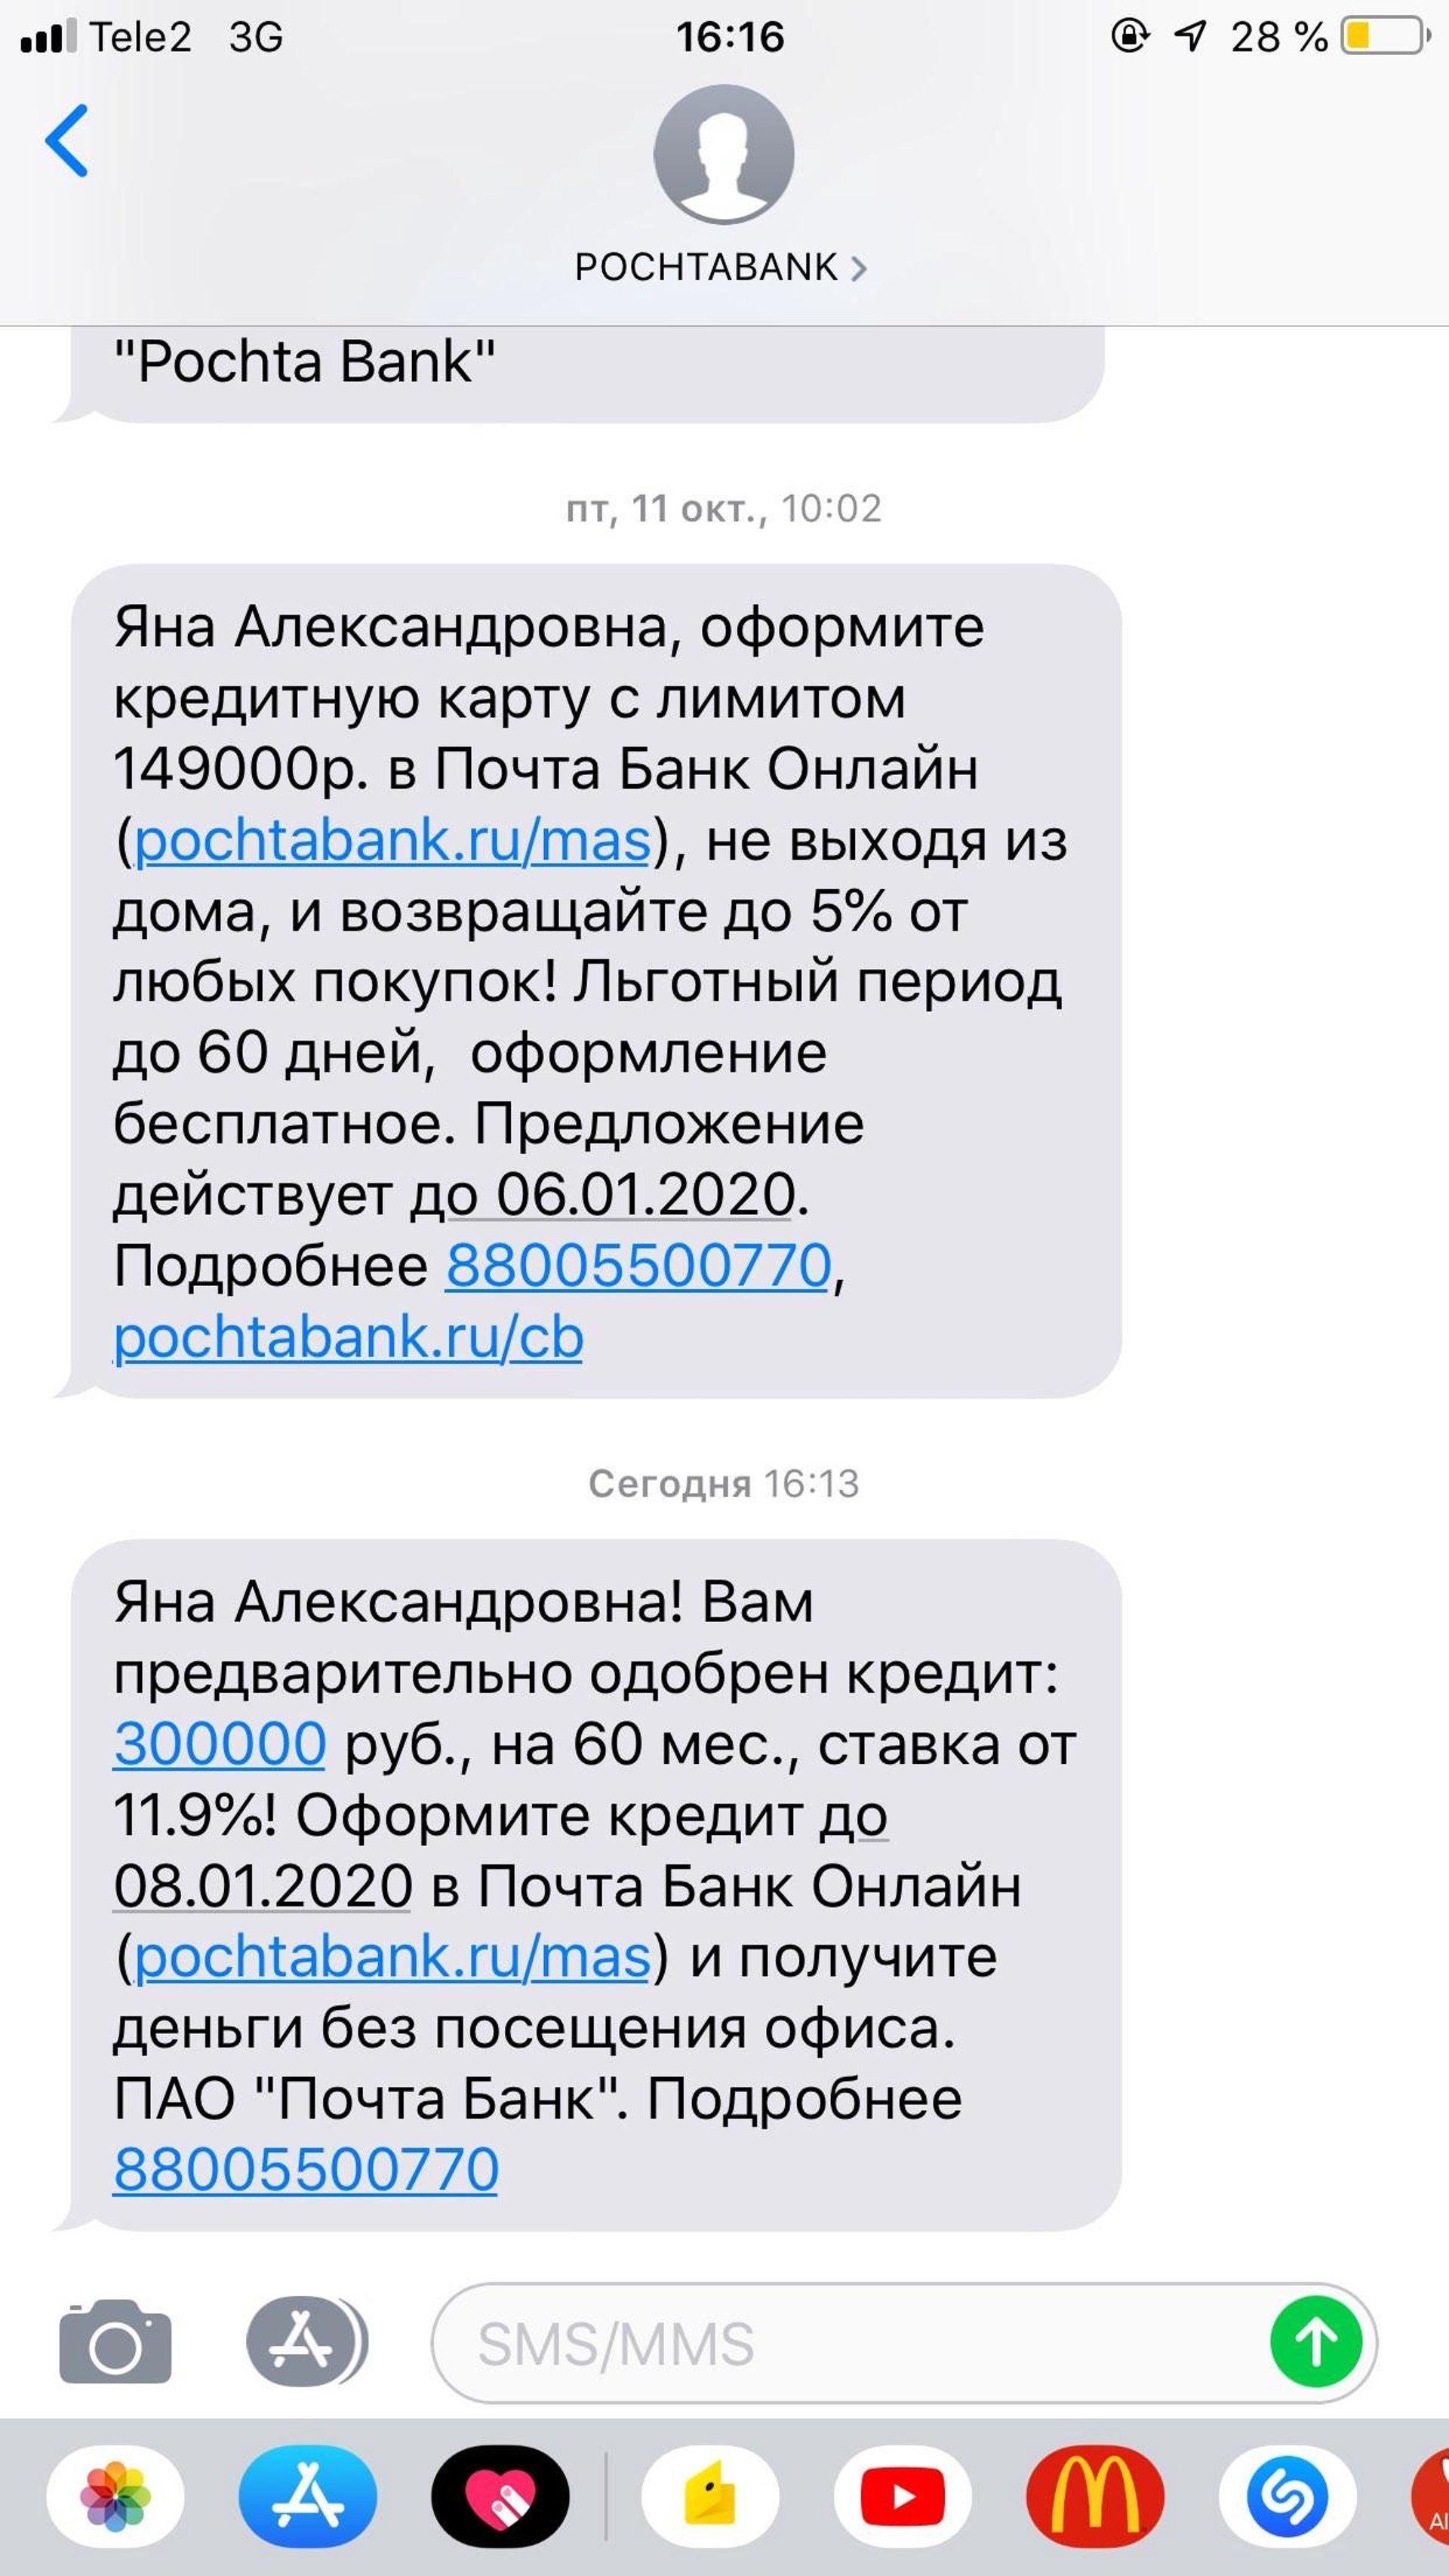 www pochtabank ru mas узнать остаток кредита онлайн заявка в сбербанк на кредит наличными без справок